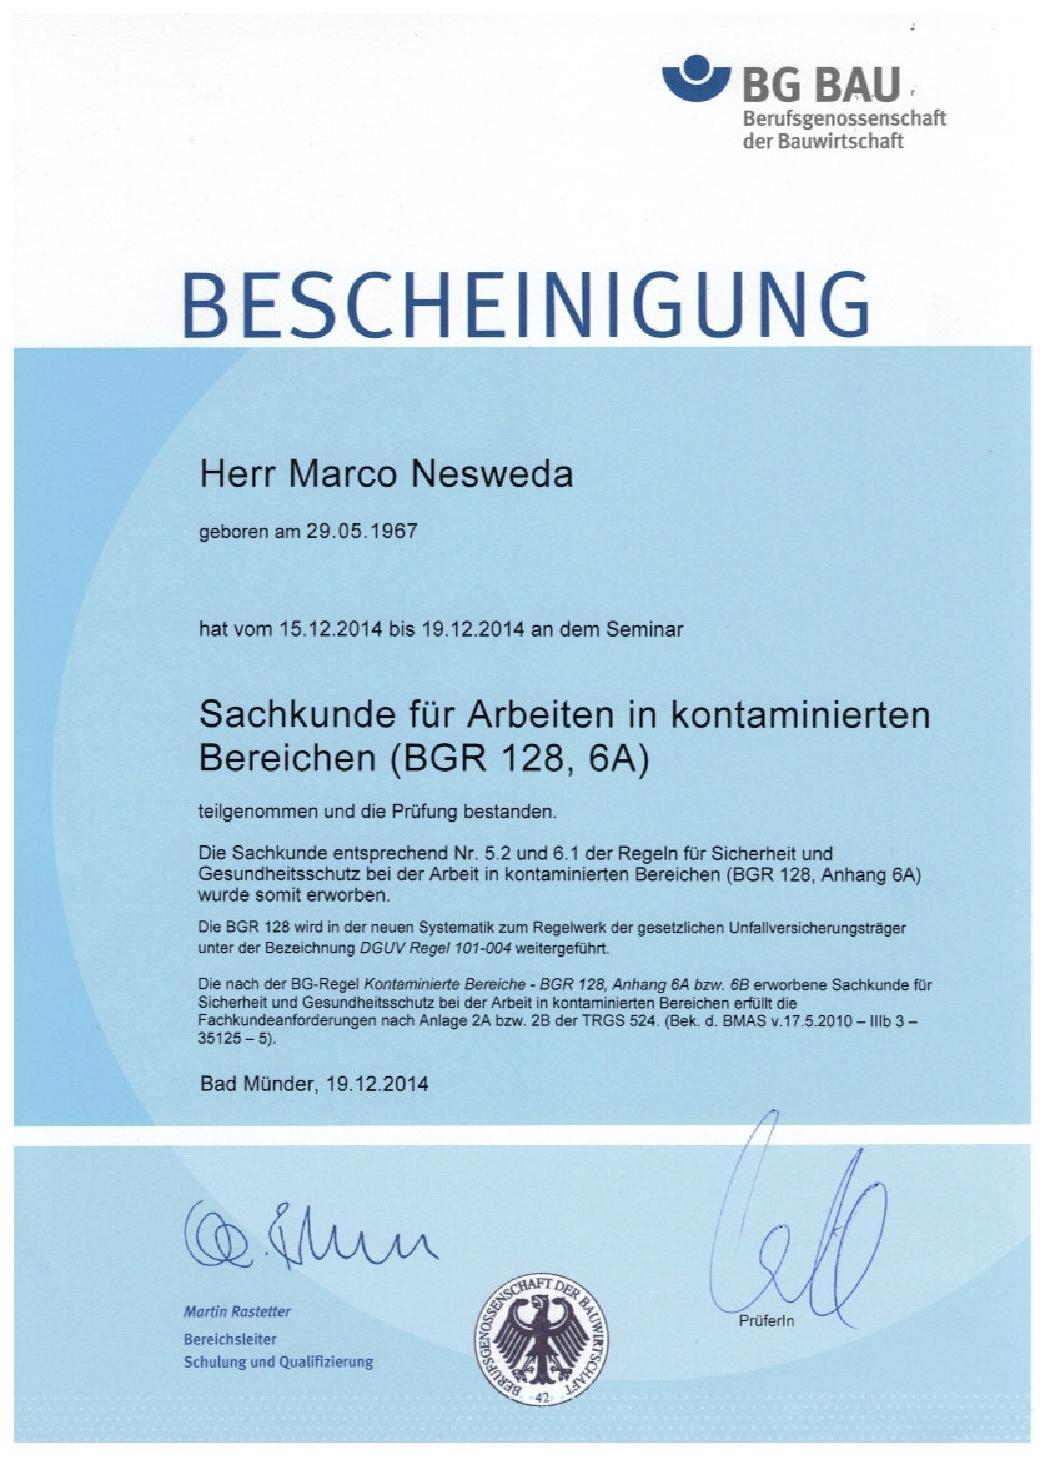 sachkunde-bgr-128-6a-u-b-arbeiten-in-kontaminierten-bereichen-001.jpg